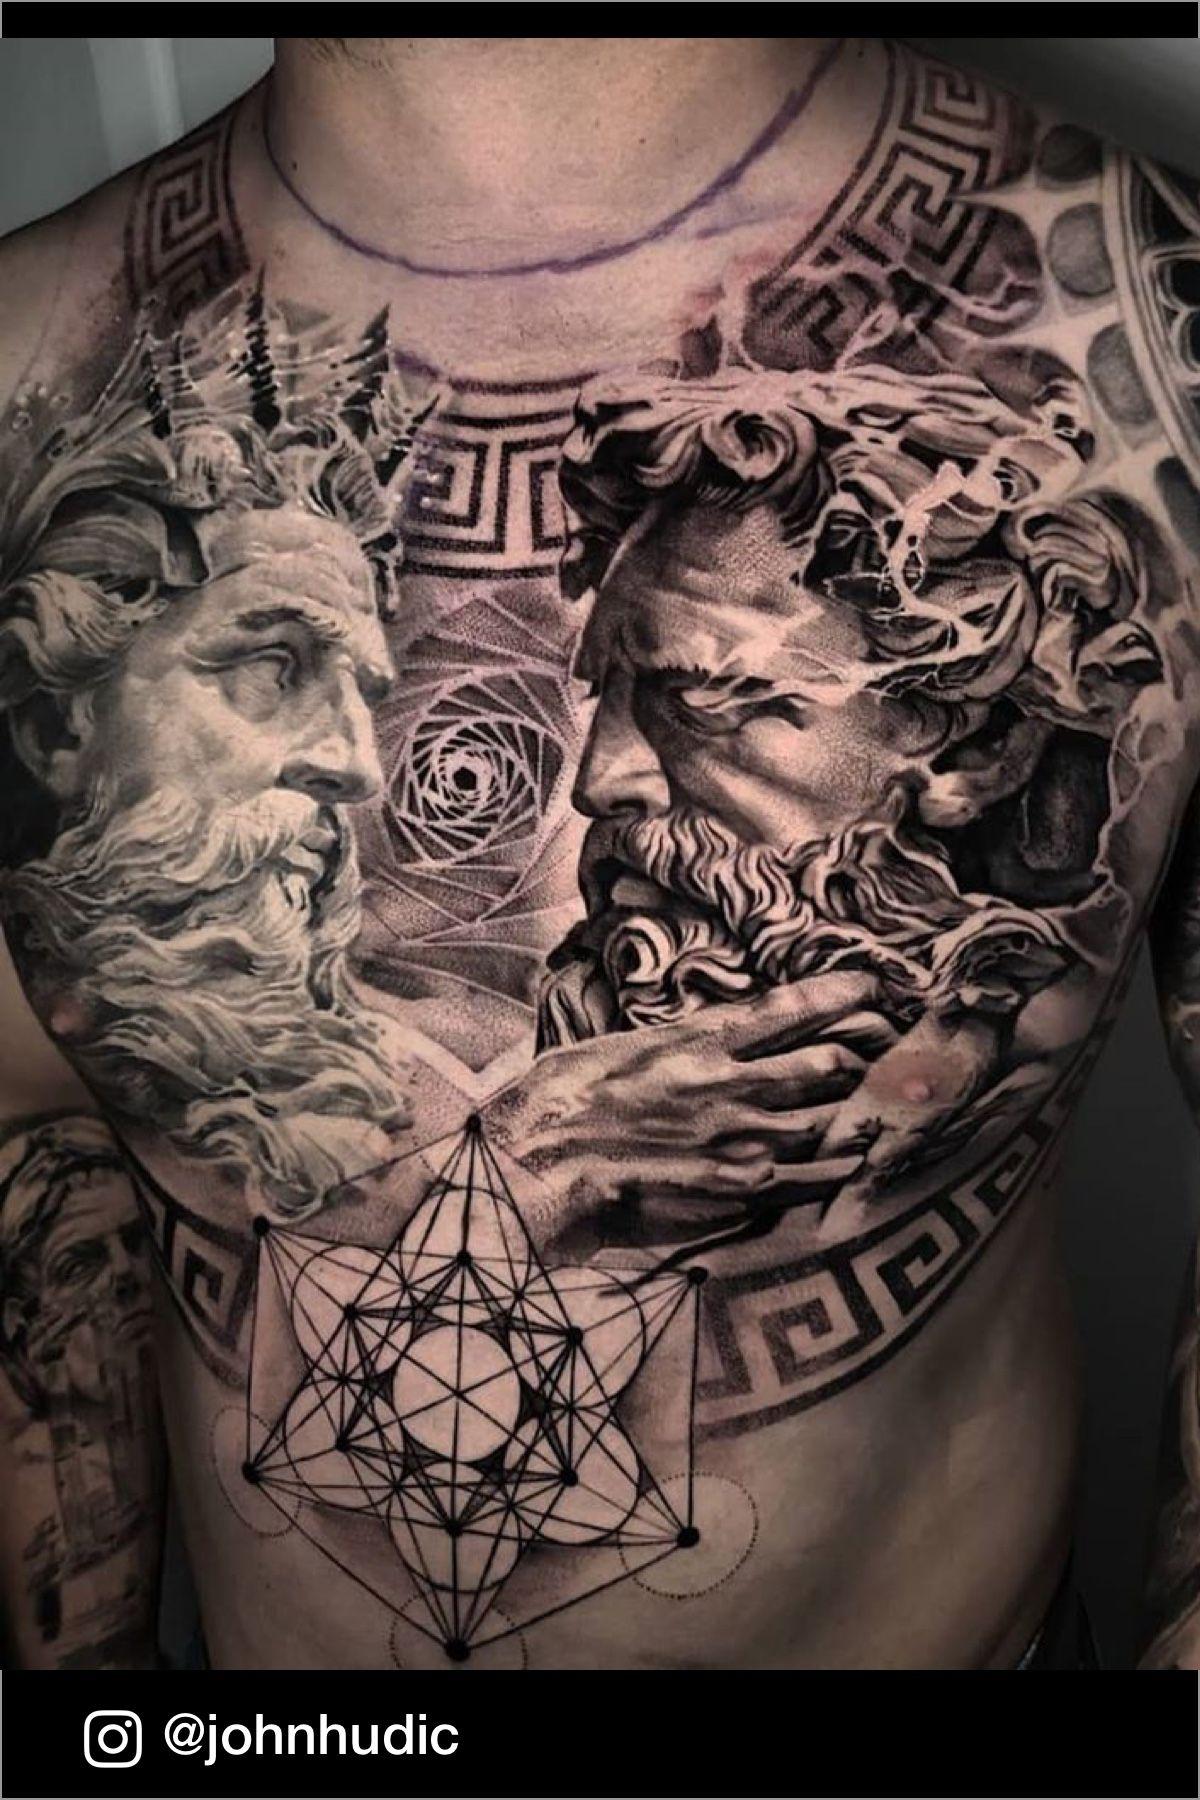 180 Poseidon Tattoo Ideas in 2021 | poseidon tattoo